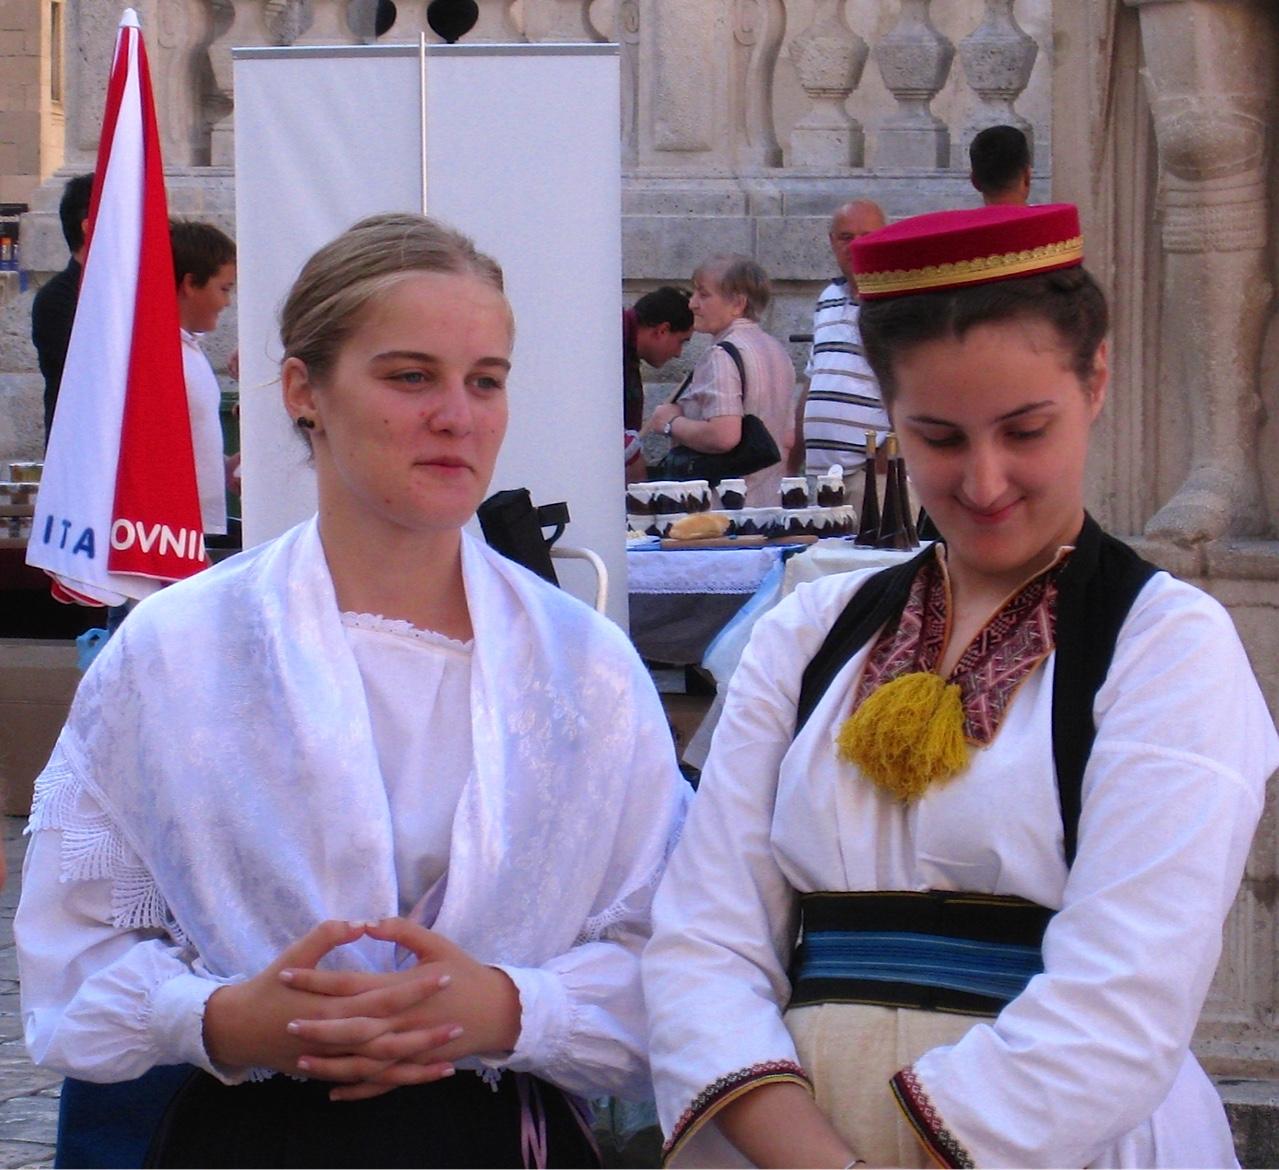 Women at Dubrovnik jam festival